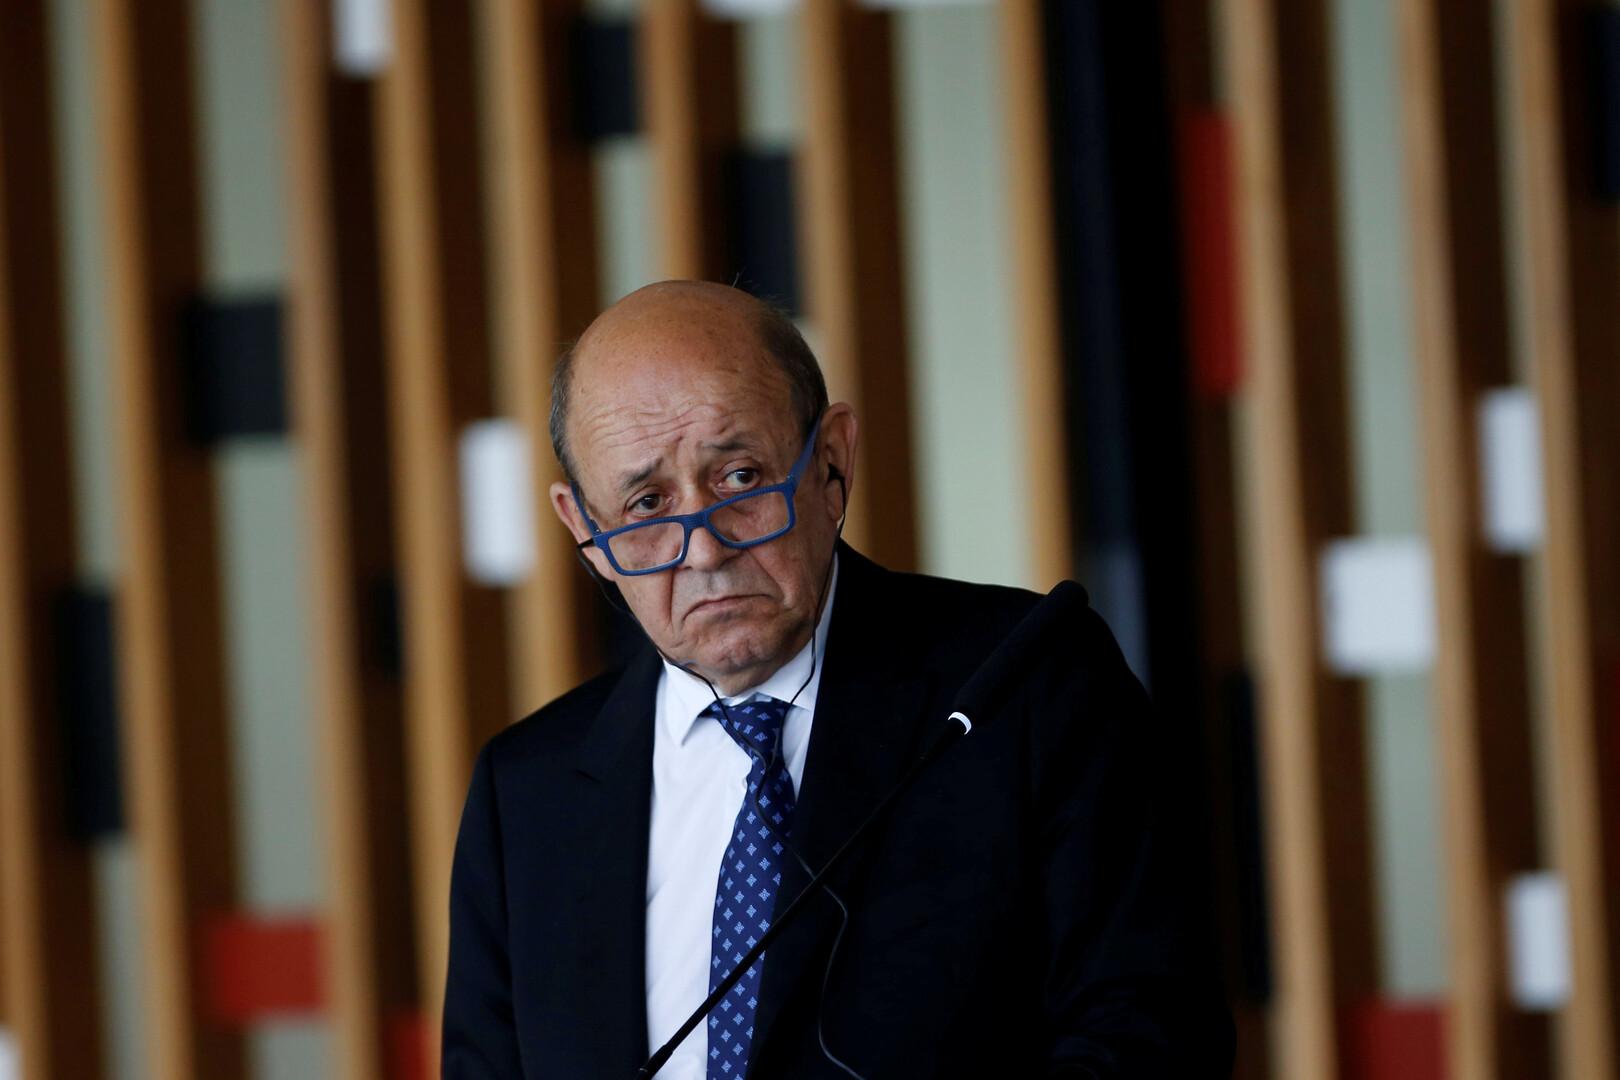 فرنسا: طريق الحوار مع إيران لا يزال مفتوحا رغم إجراءاتها